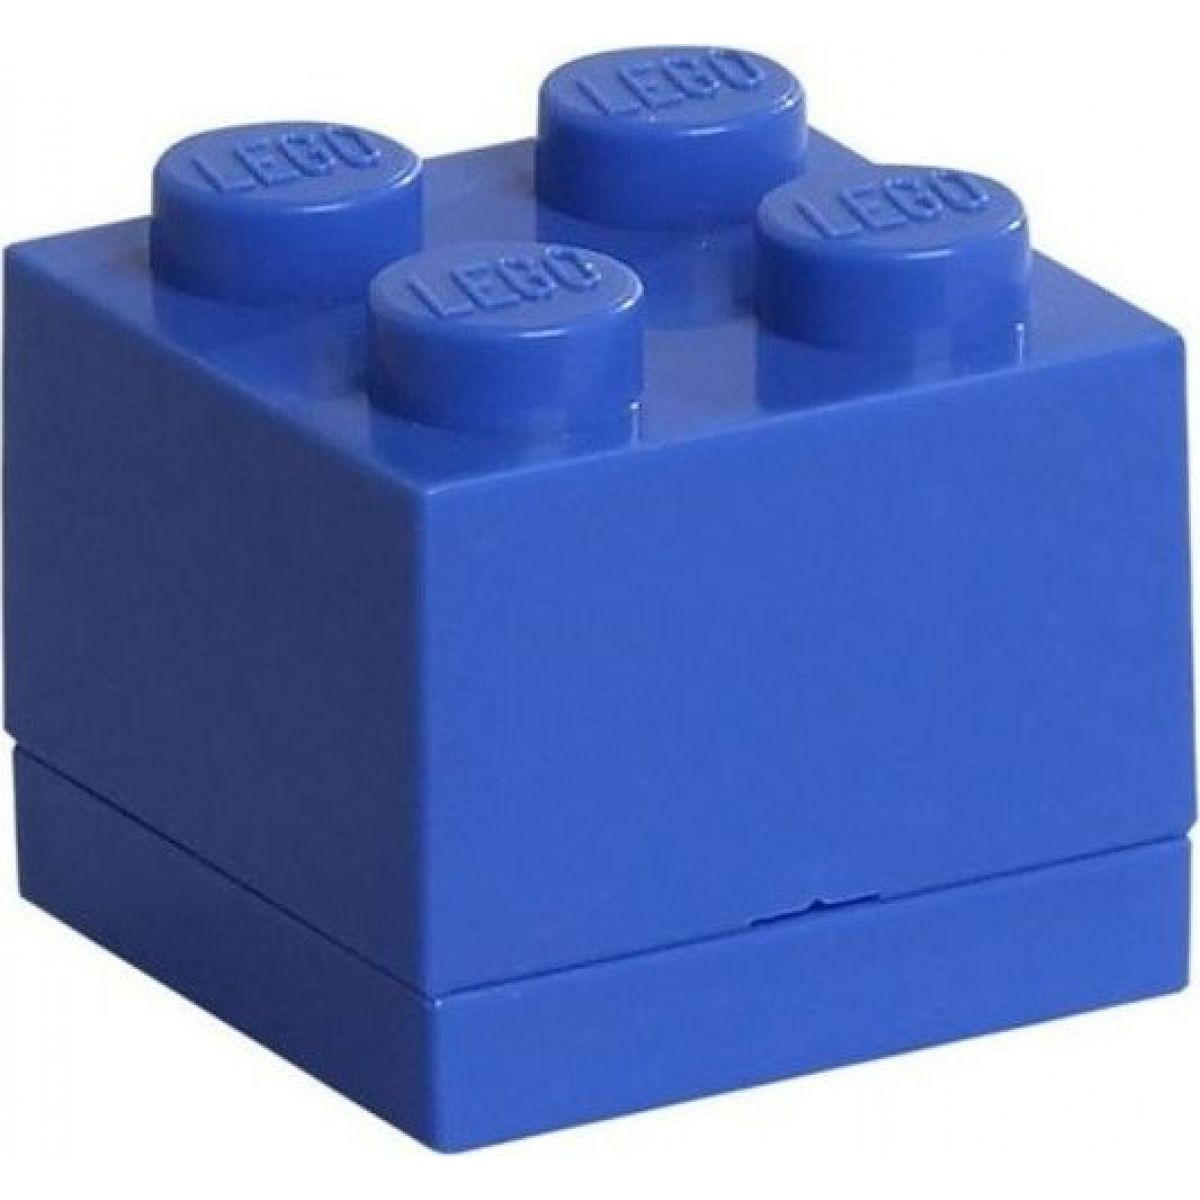 LEGO Mini Box 4,6 x 4,6 x 4,3 cm Modrá